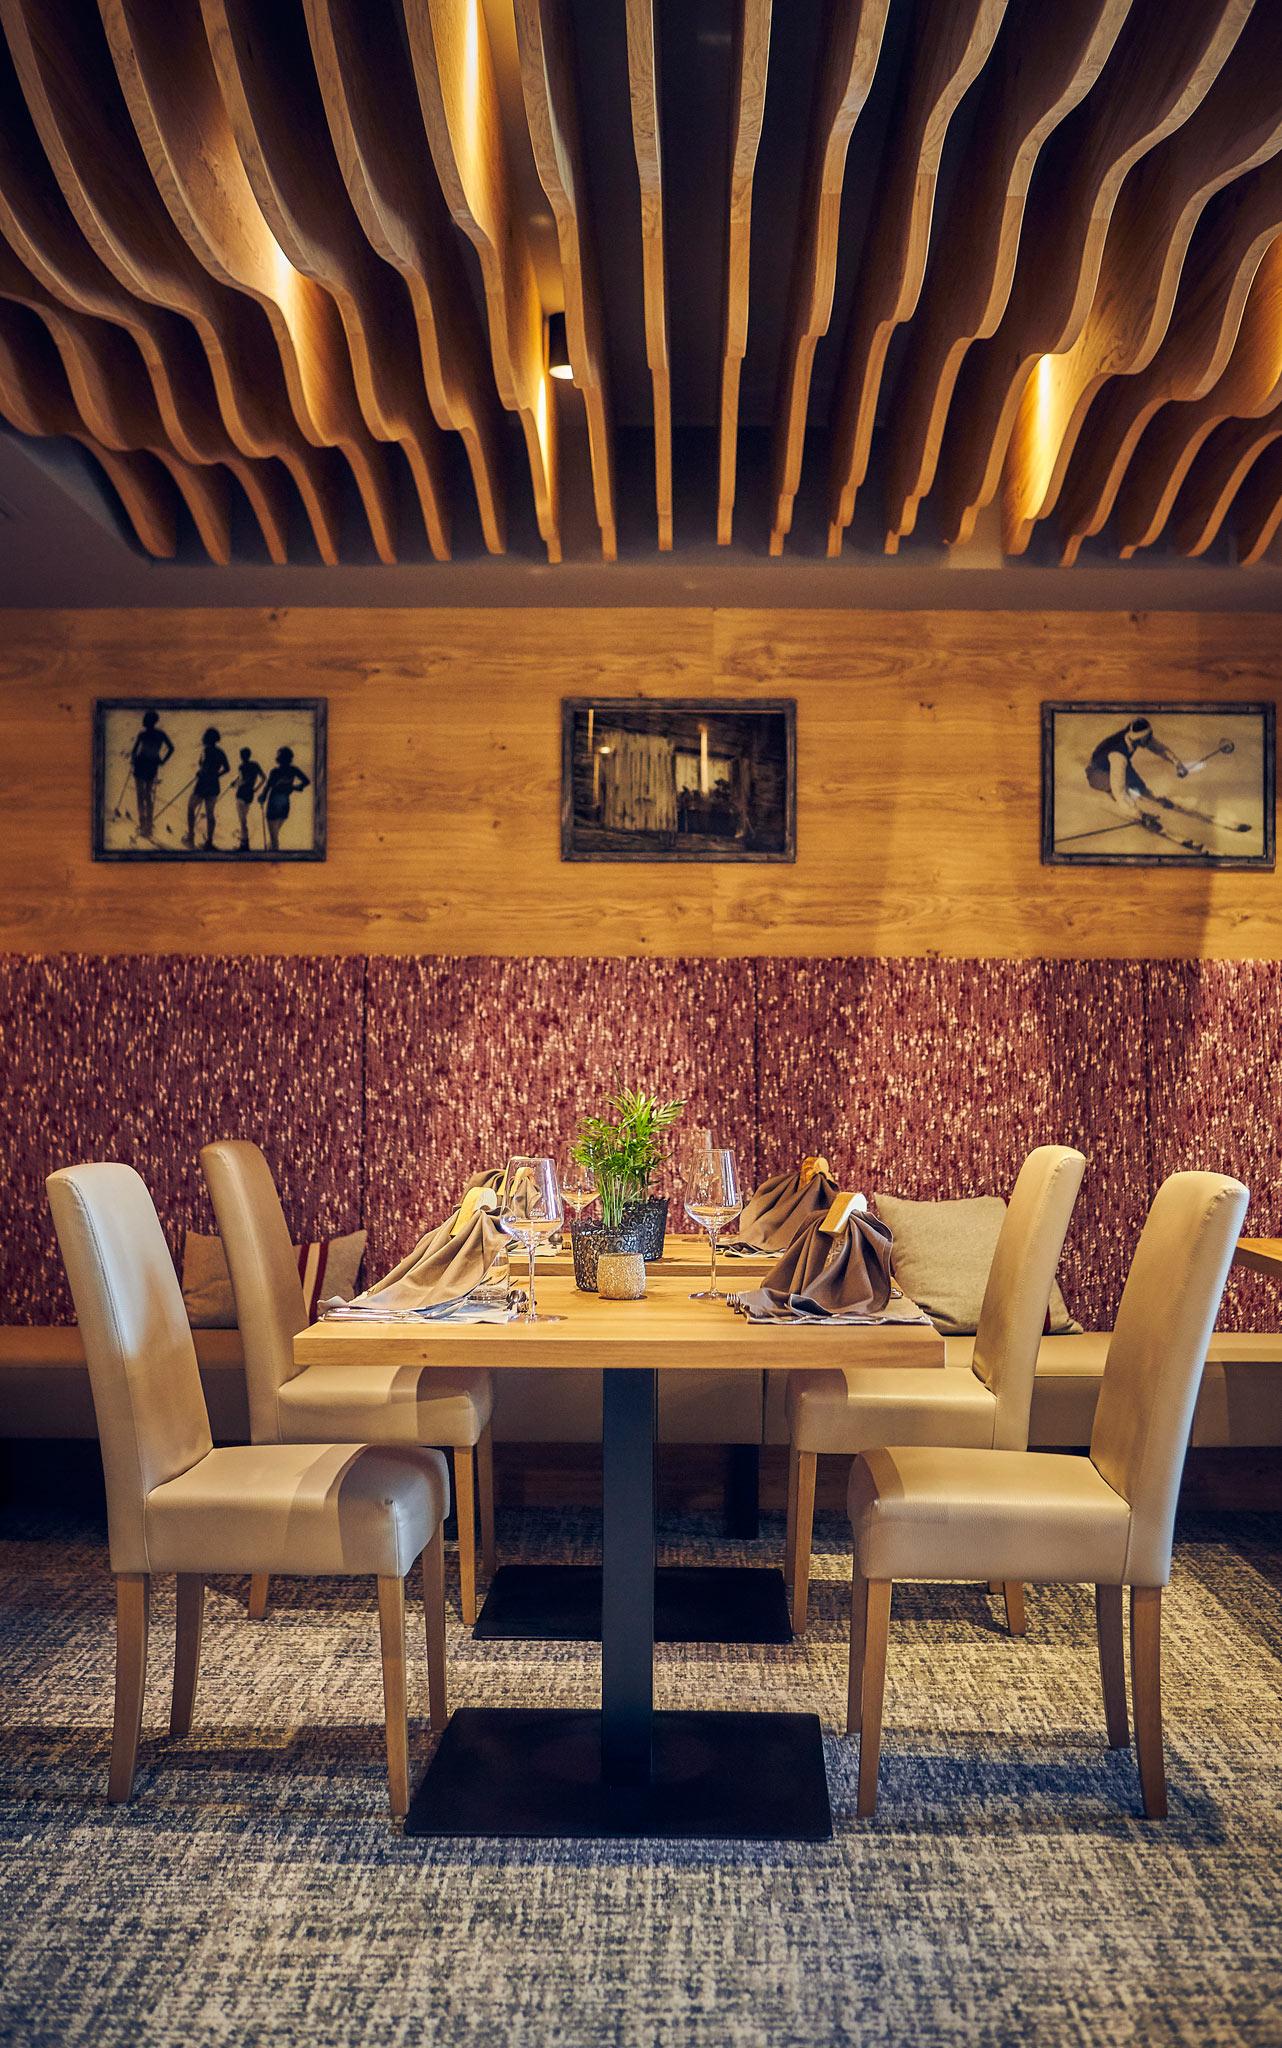 Ein gedekter Tisch im Speisesaal mit roter Polsterung der Eckbank und Lederpolsterung auf den vier Stühlen.